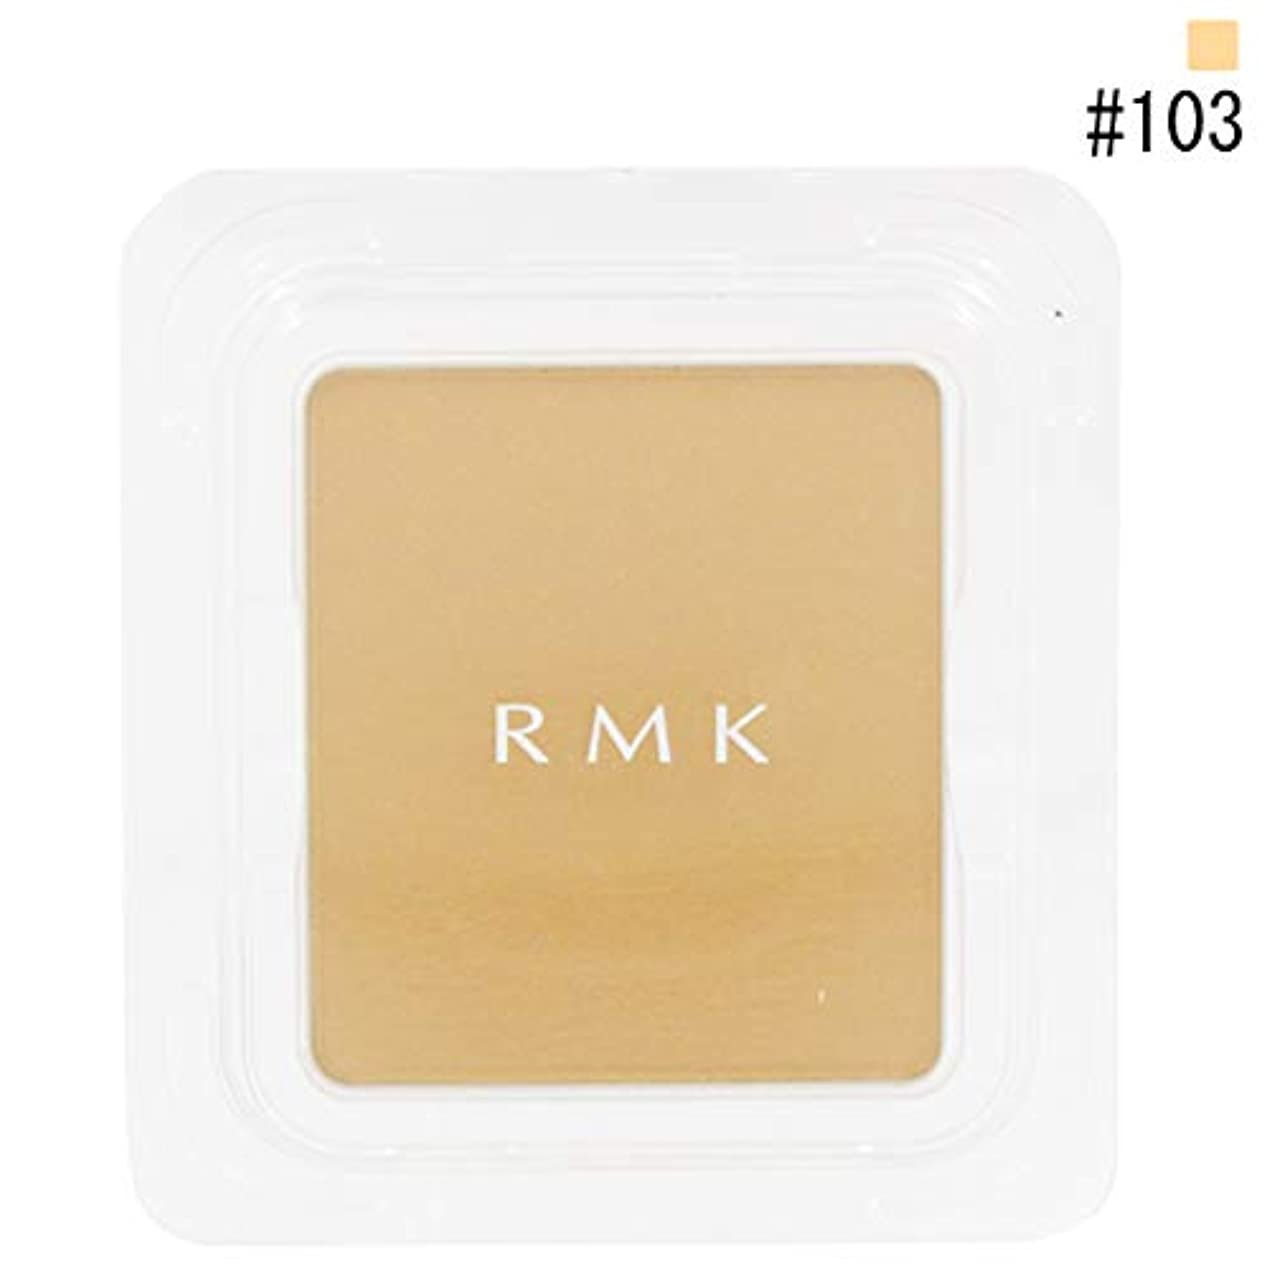 国籍展開するちなみにRMK アールエムケー エアリーパウダー ファンデーション (レフィル) #103 10.5g [並行輸入品]